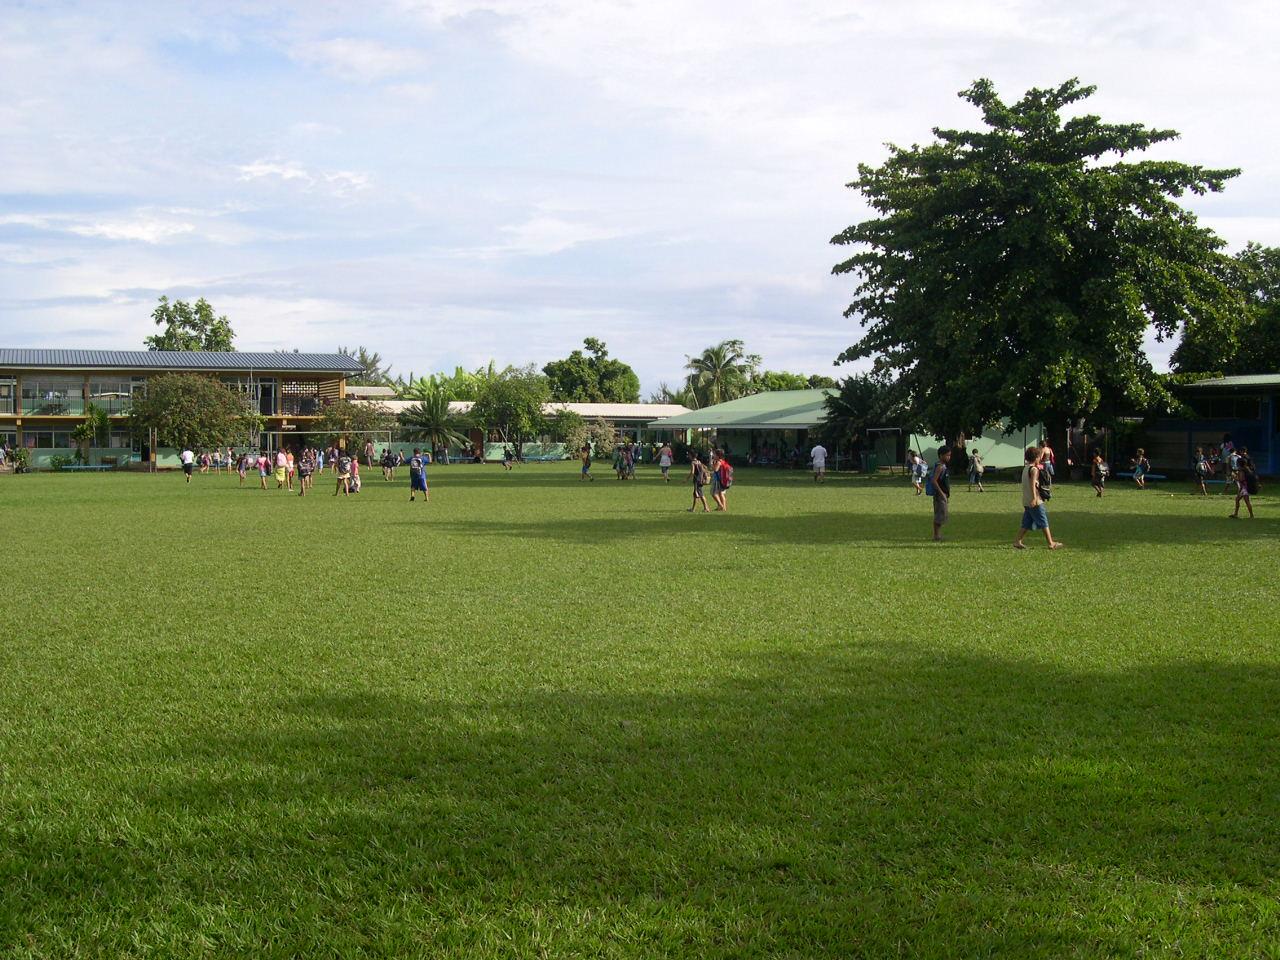 Pour ses 60 ans, l'école primaire de Saint Paul organisera diverses courses à pied, samedi. (crédit photo : pierreatahiti.blogspot.com)